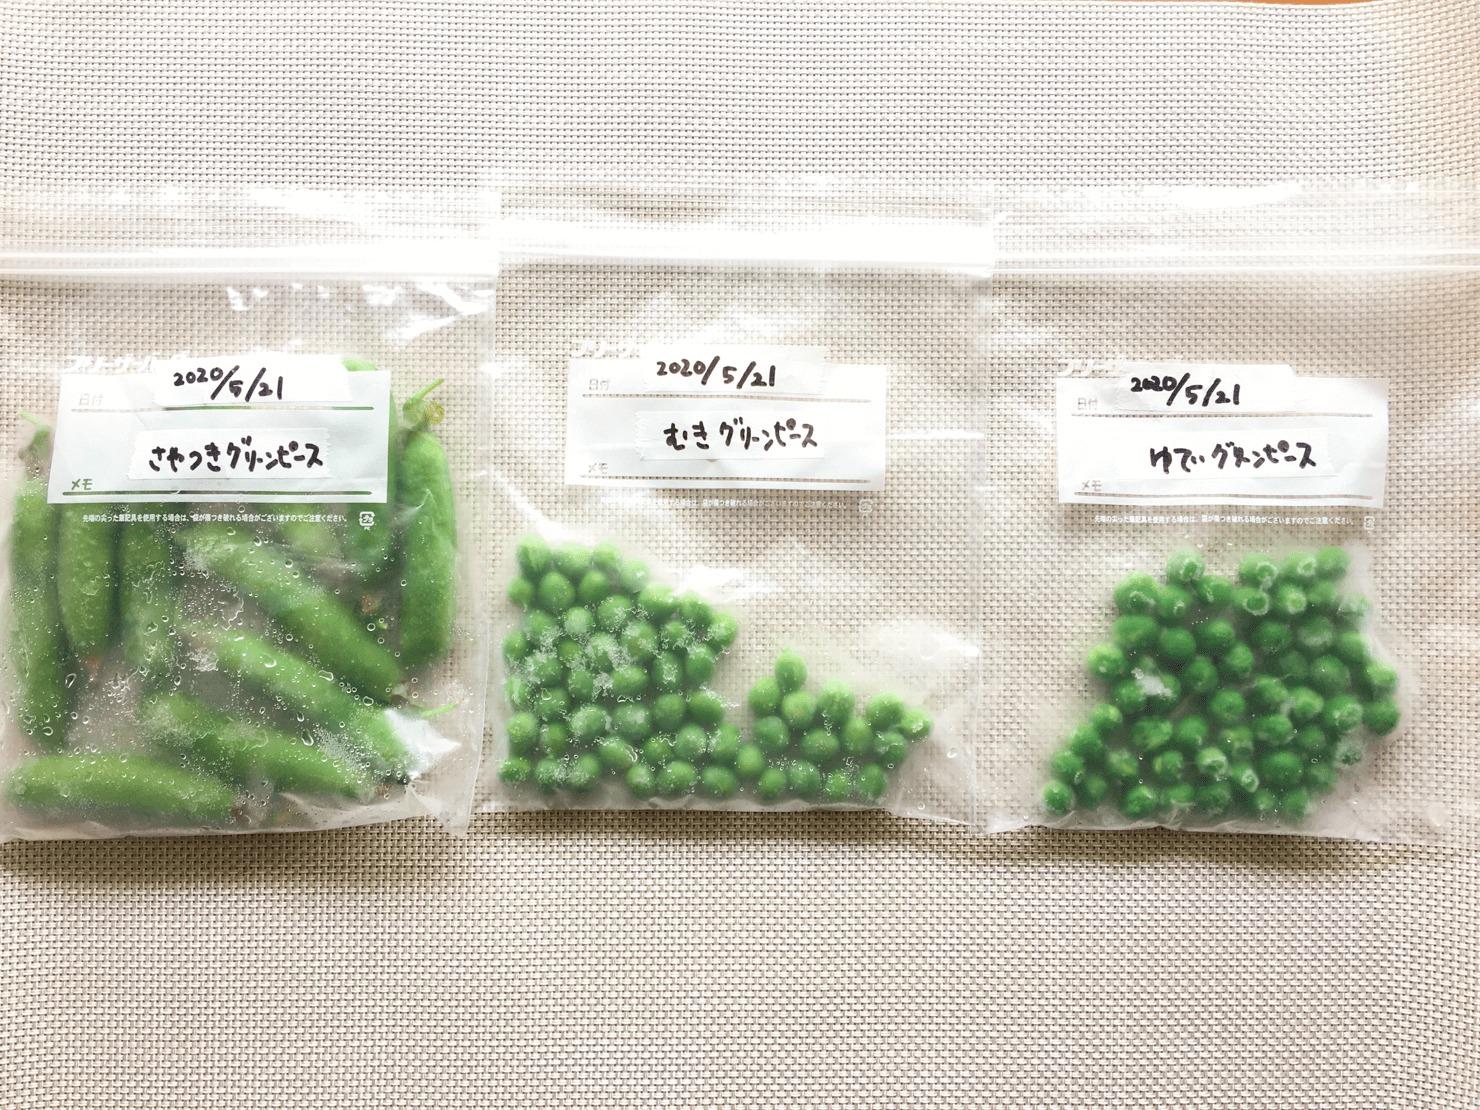 3種のグリーンピースの冷凍した写真